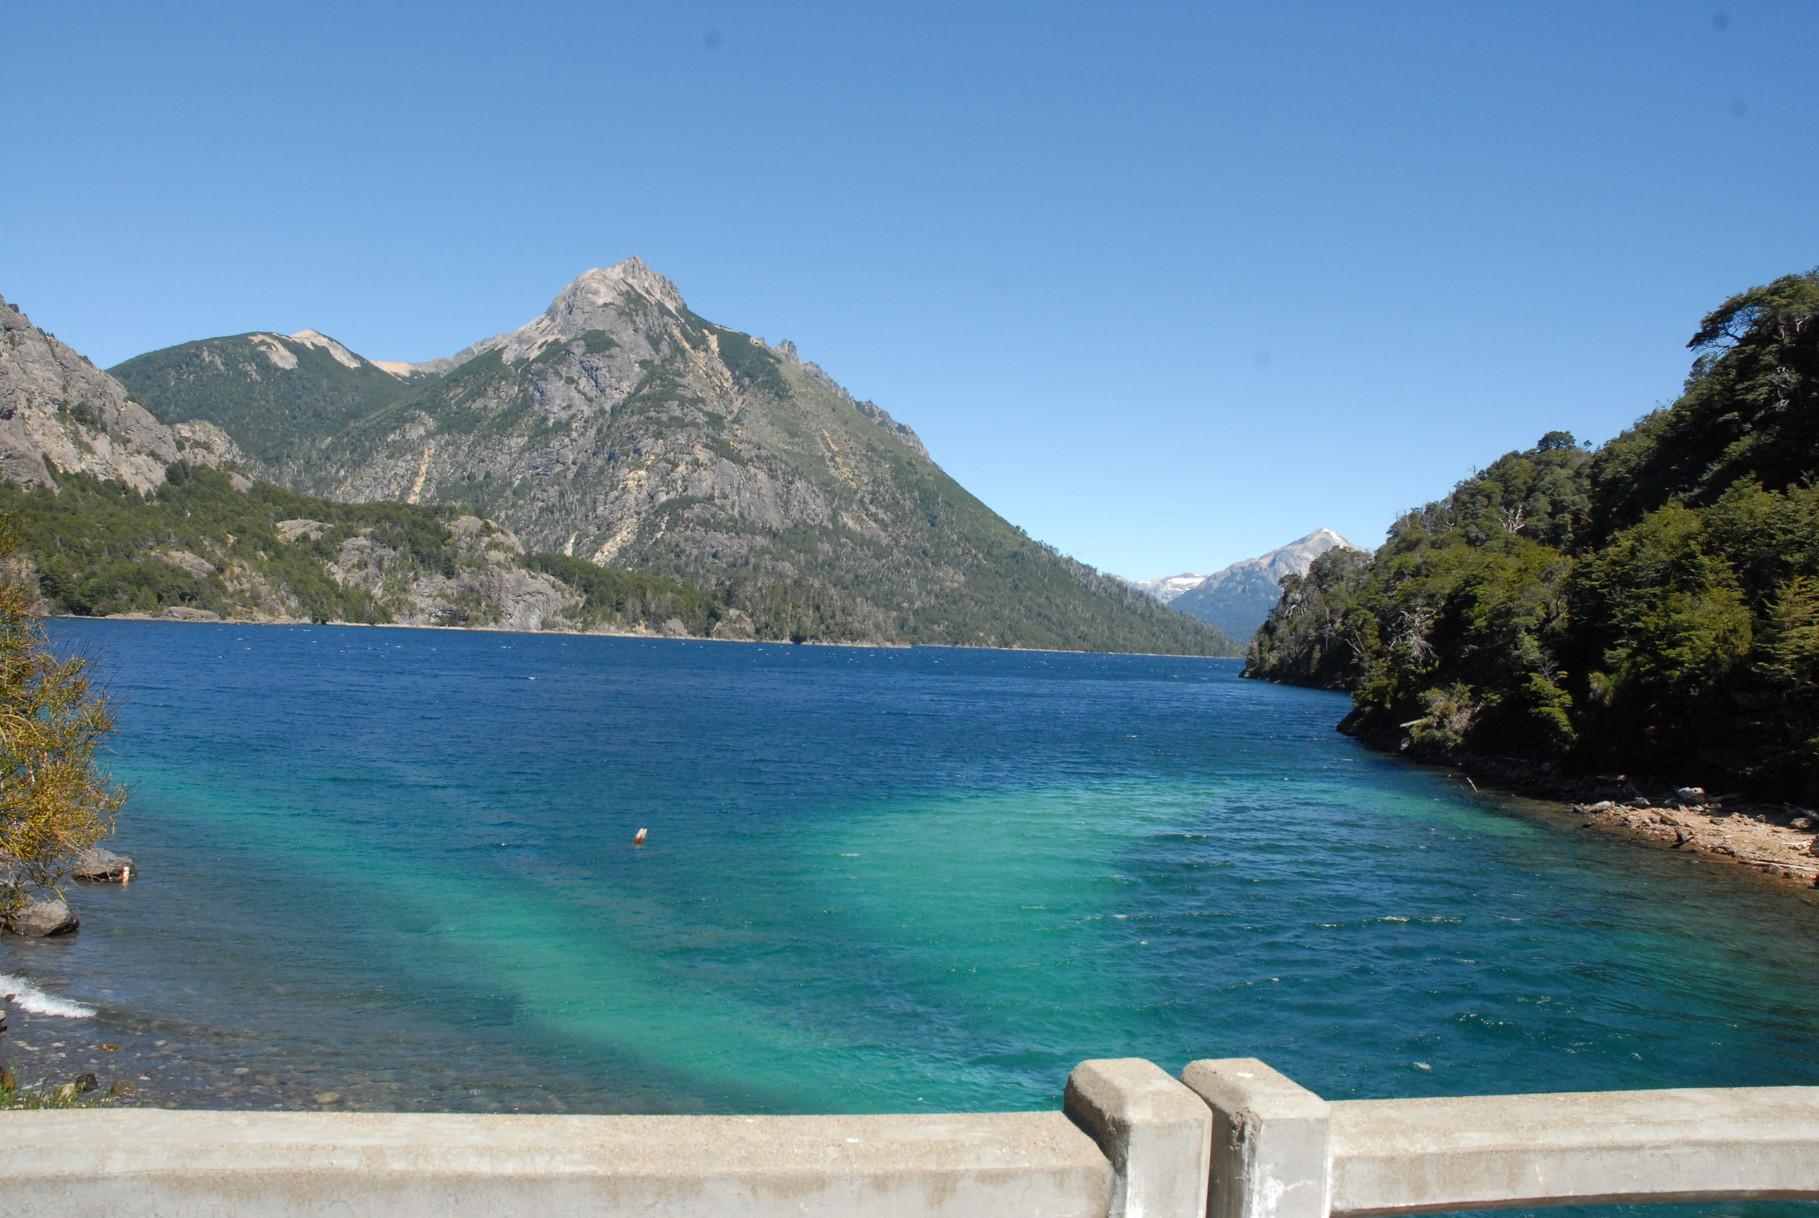 Am Lago Nahuel Huapi bei Bariloche